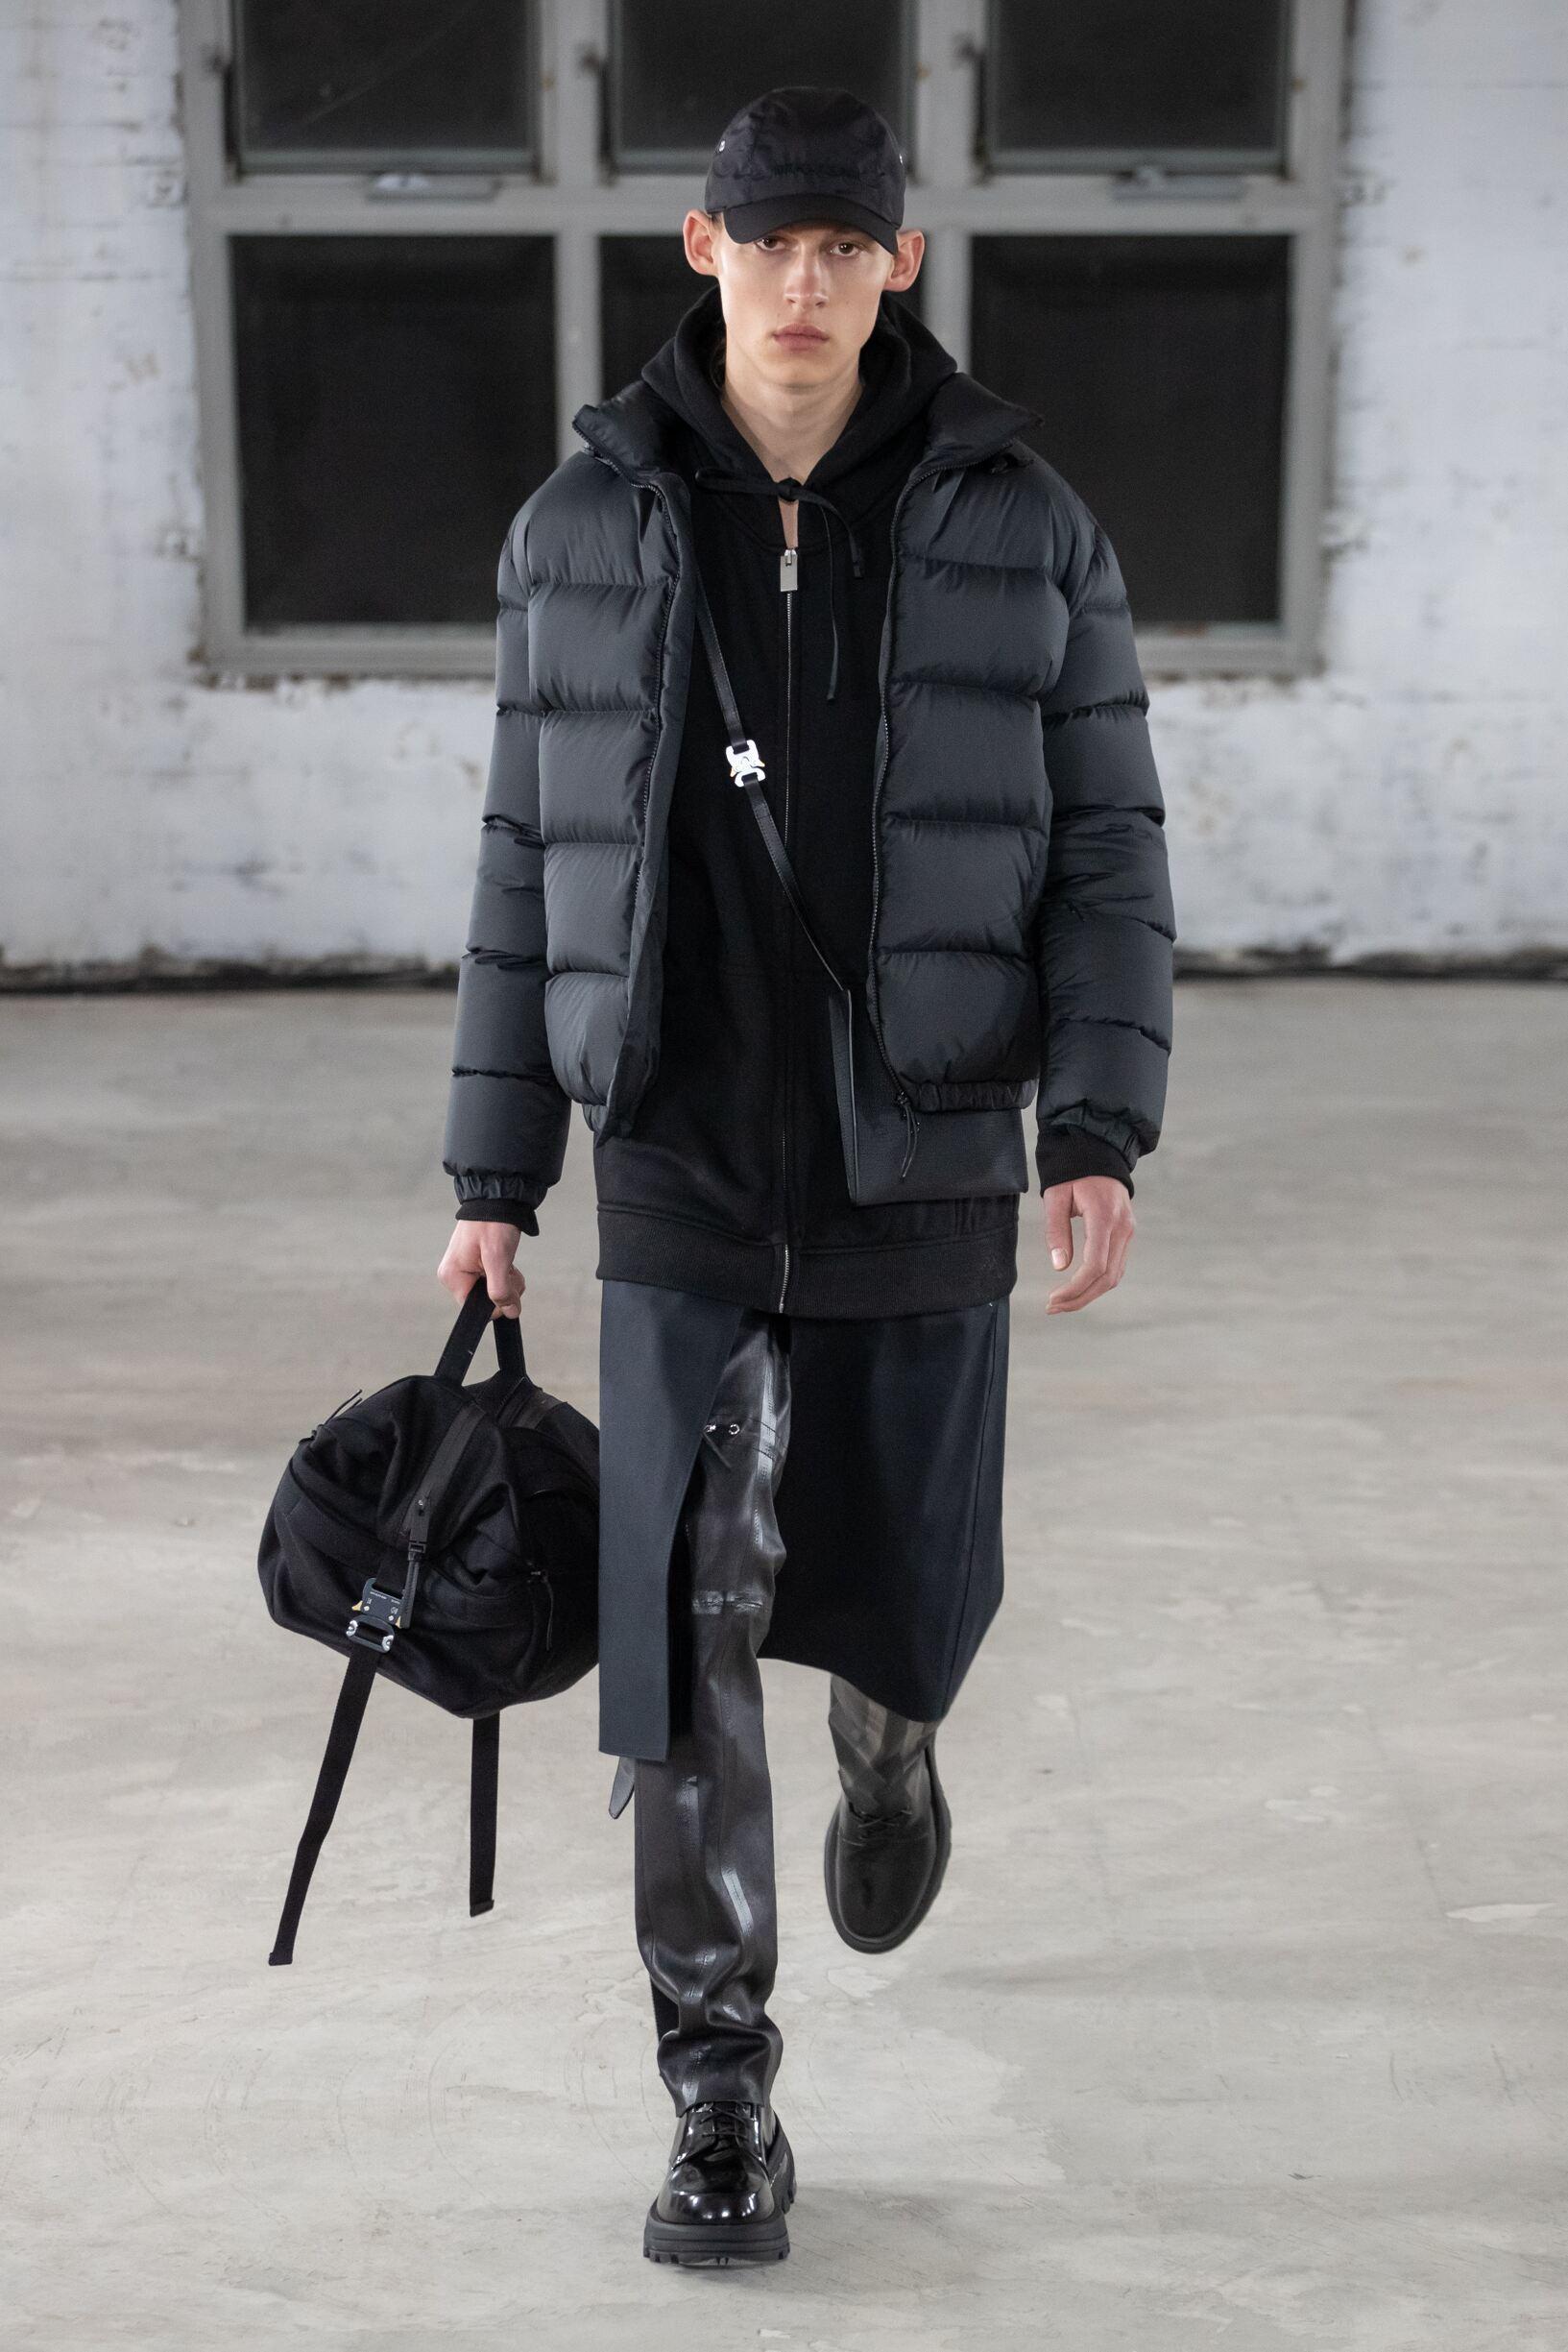 Fall Fashion Trends 2019-20 ALYX